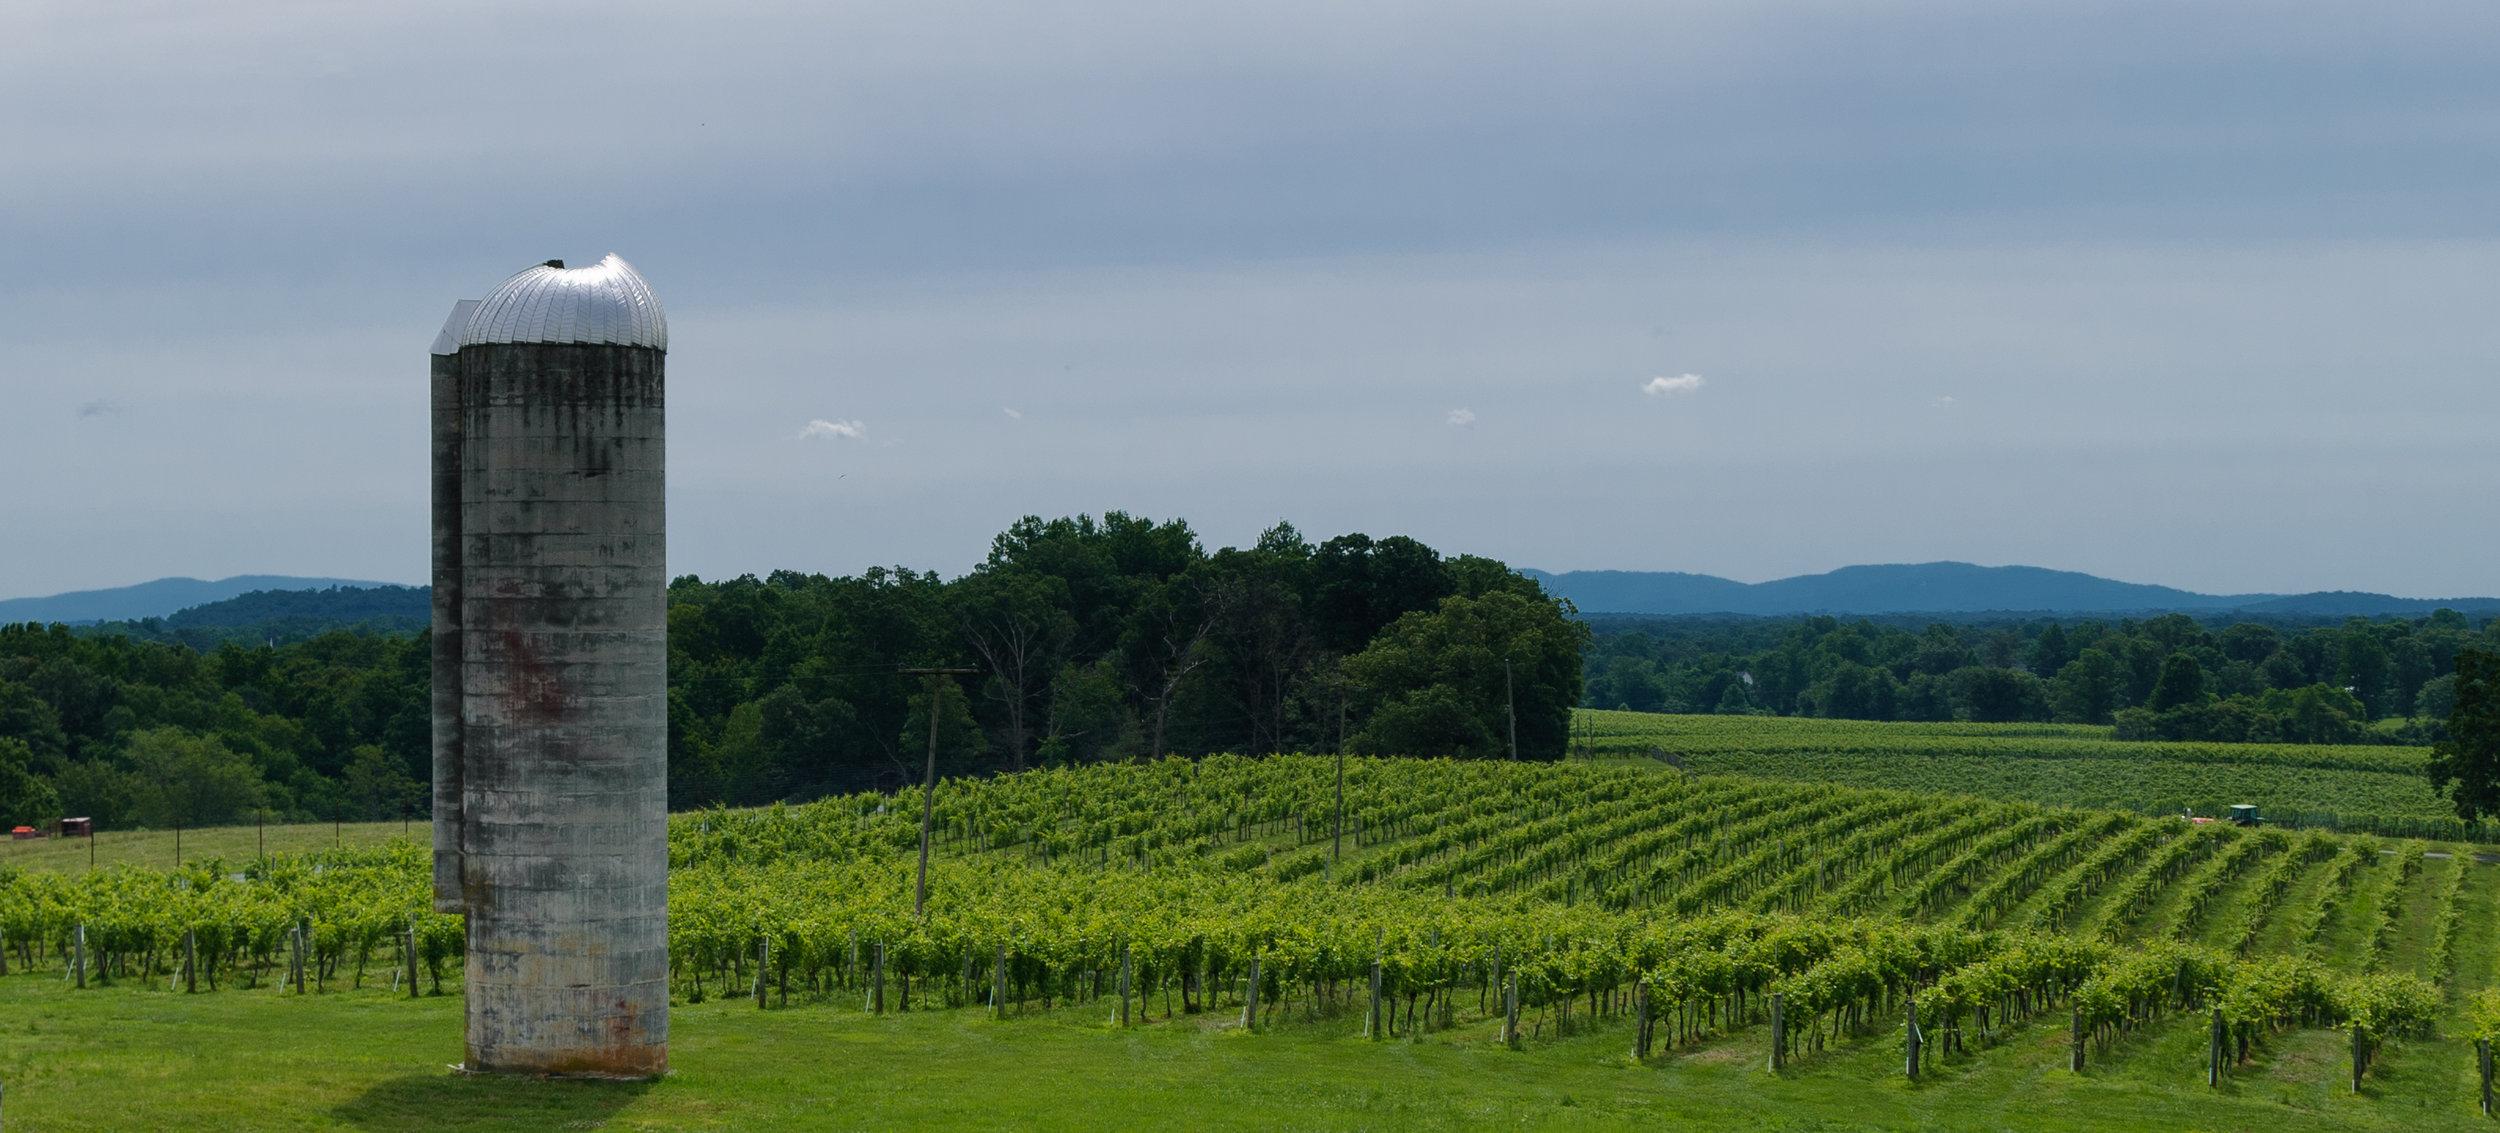 vineyard_june2019_020crop.jpg